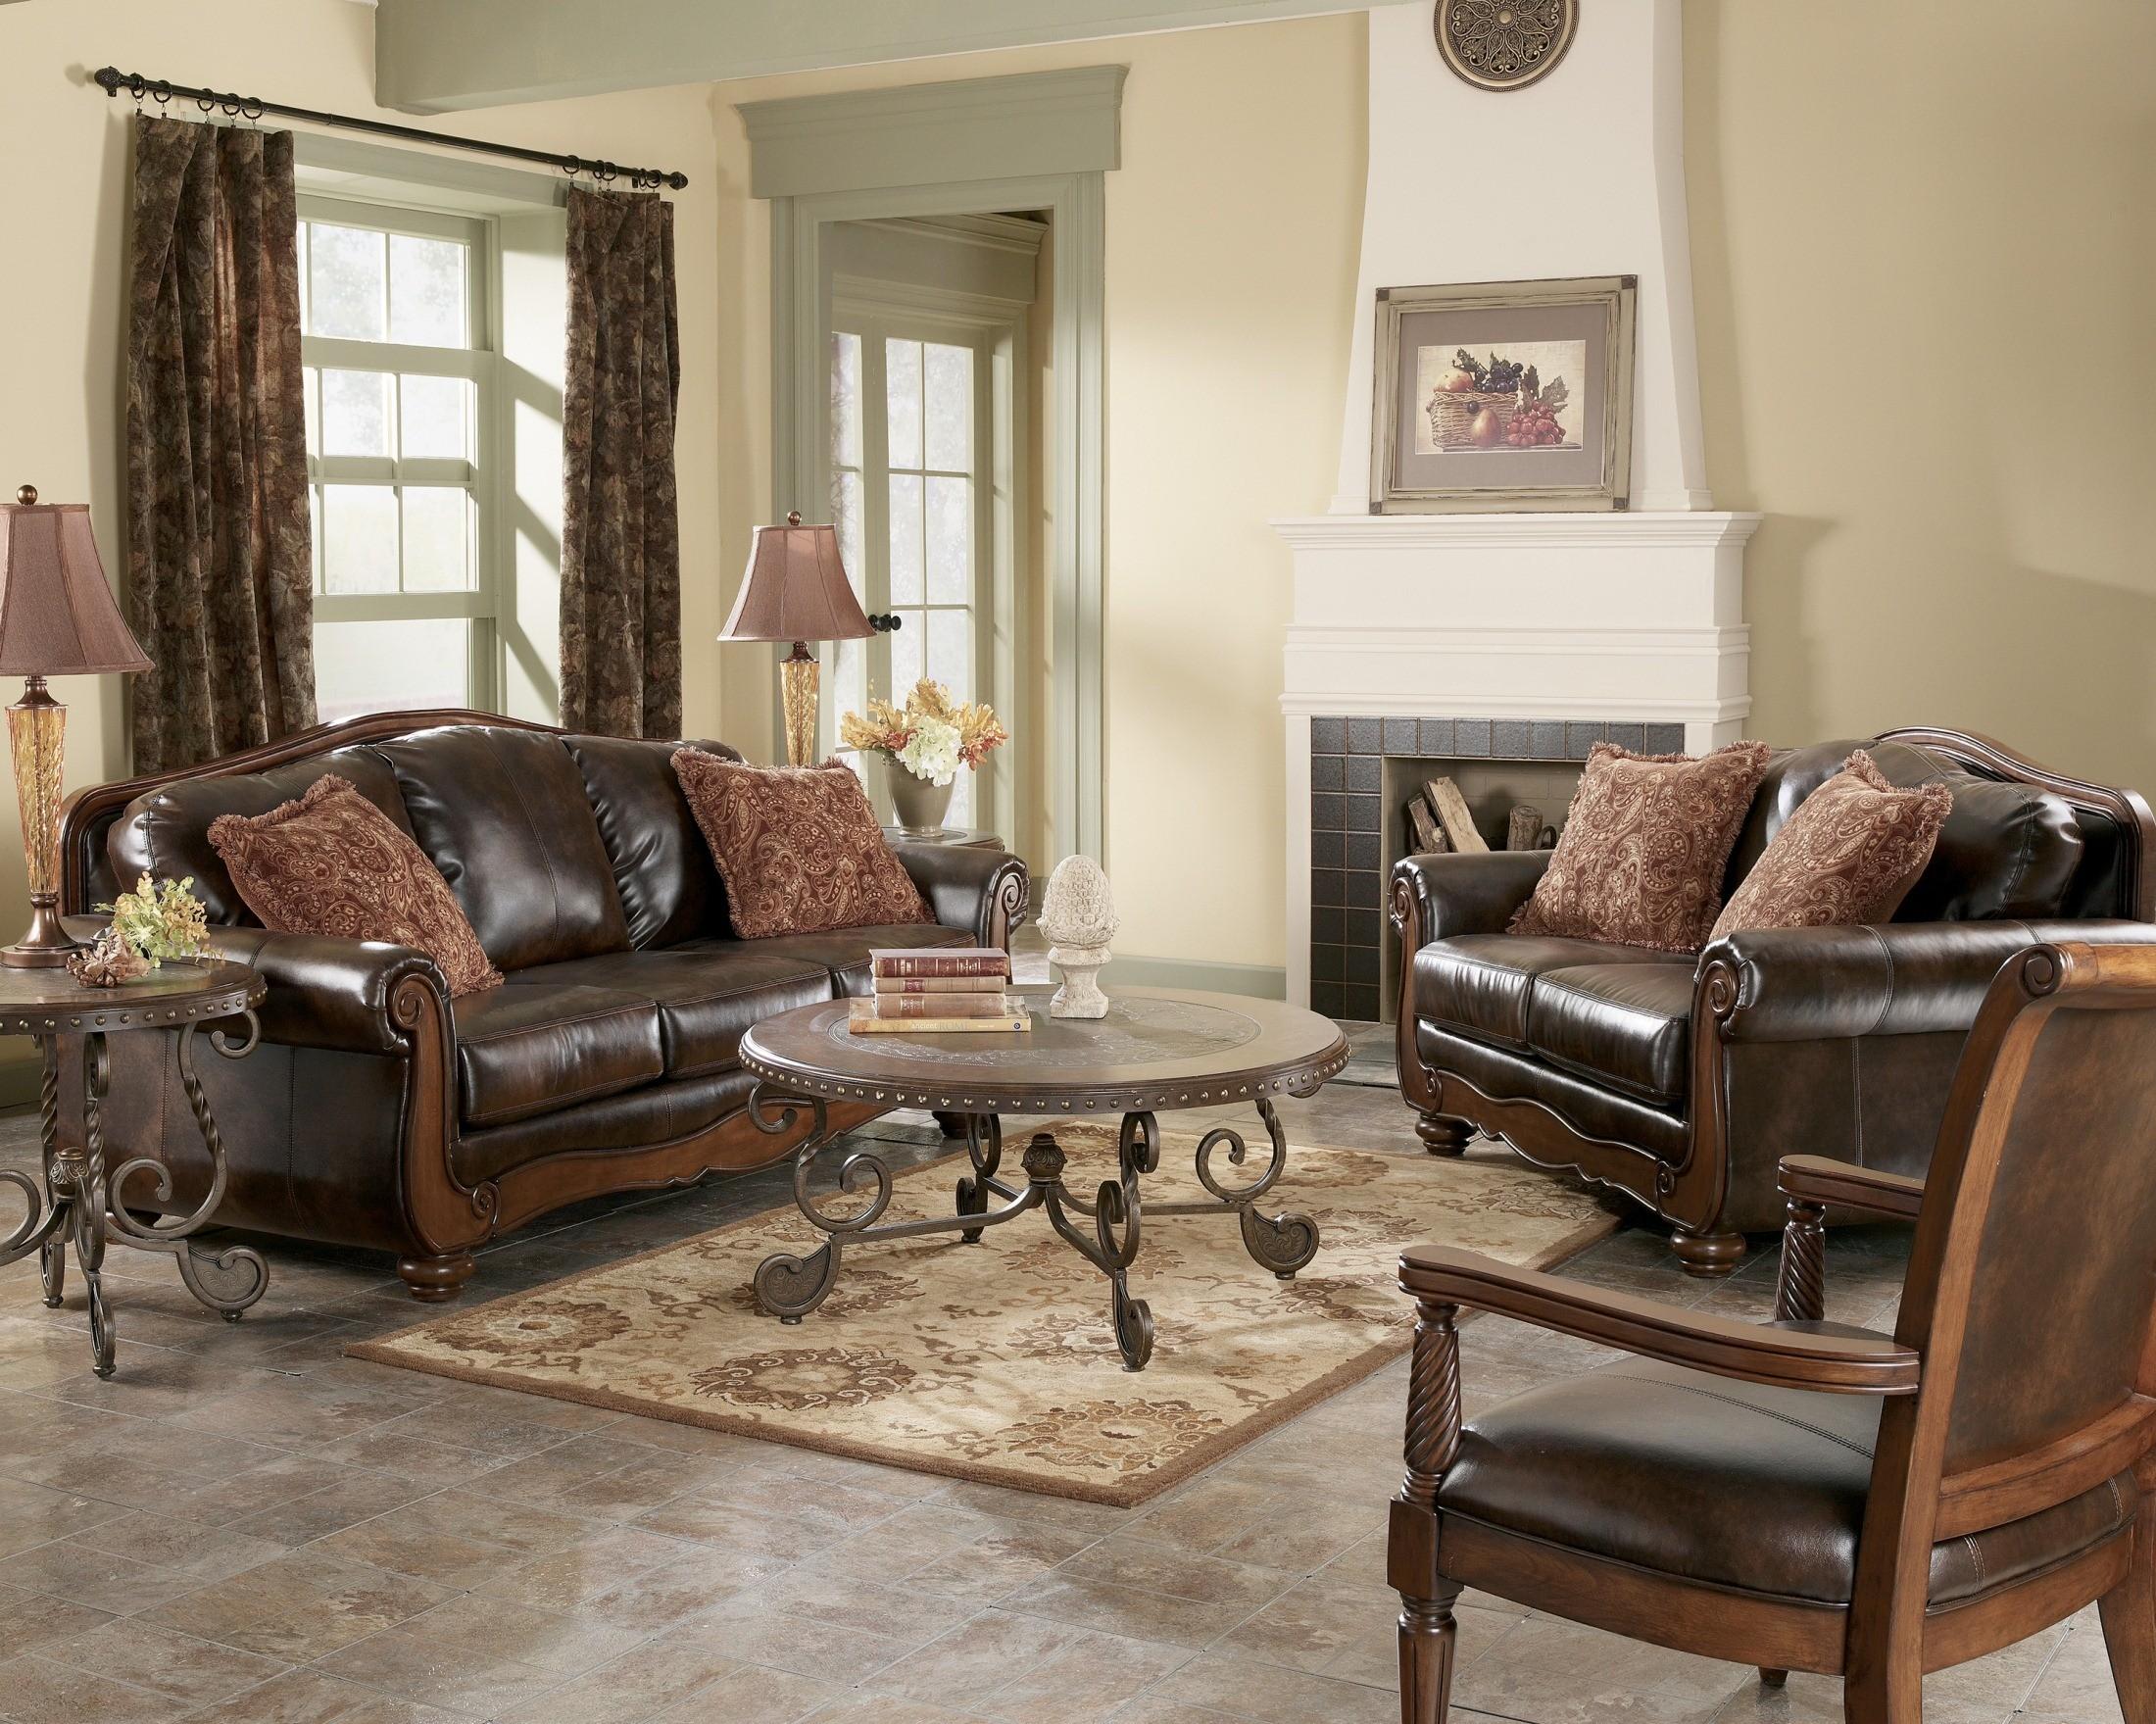 barcelona antique living room set from ashley 55300 coleman furniture. Black Bedroom Furniture Sets. Home Design Ideas